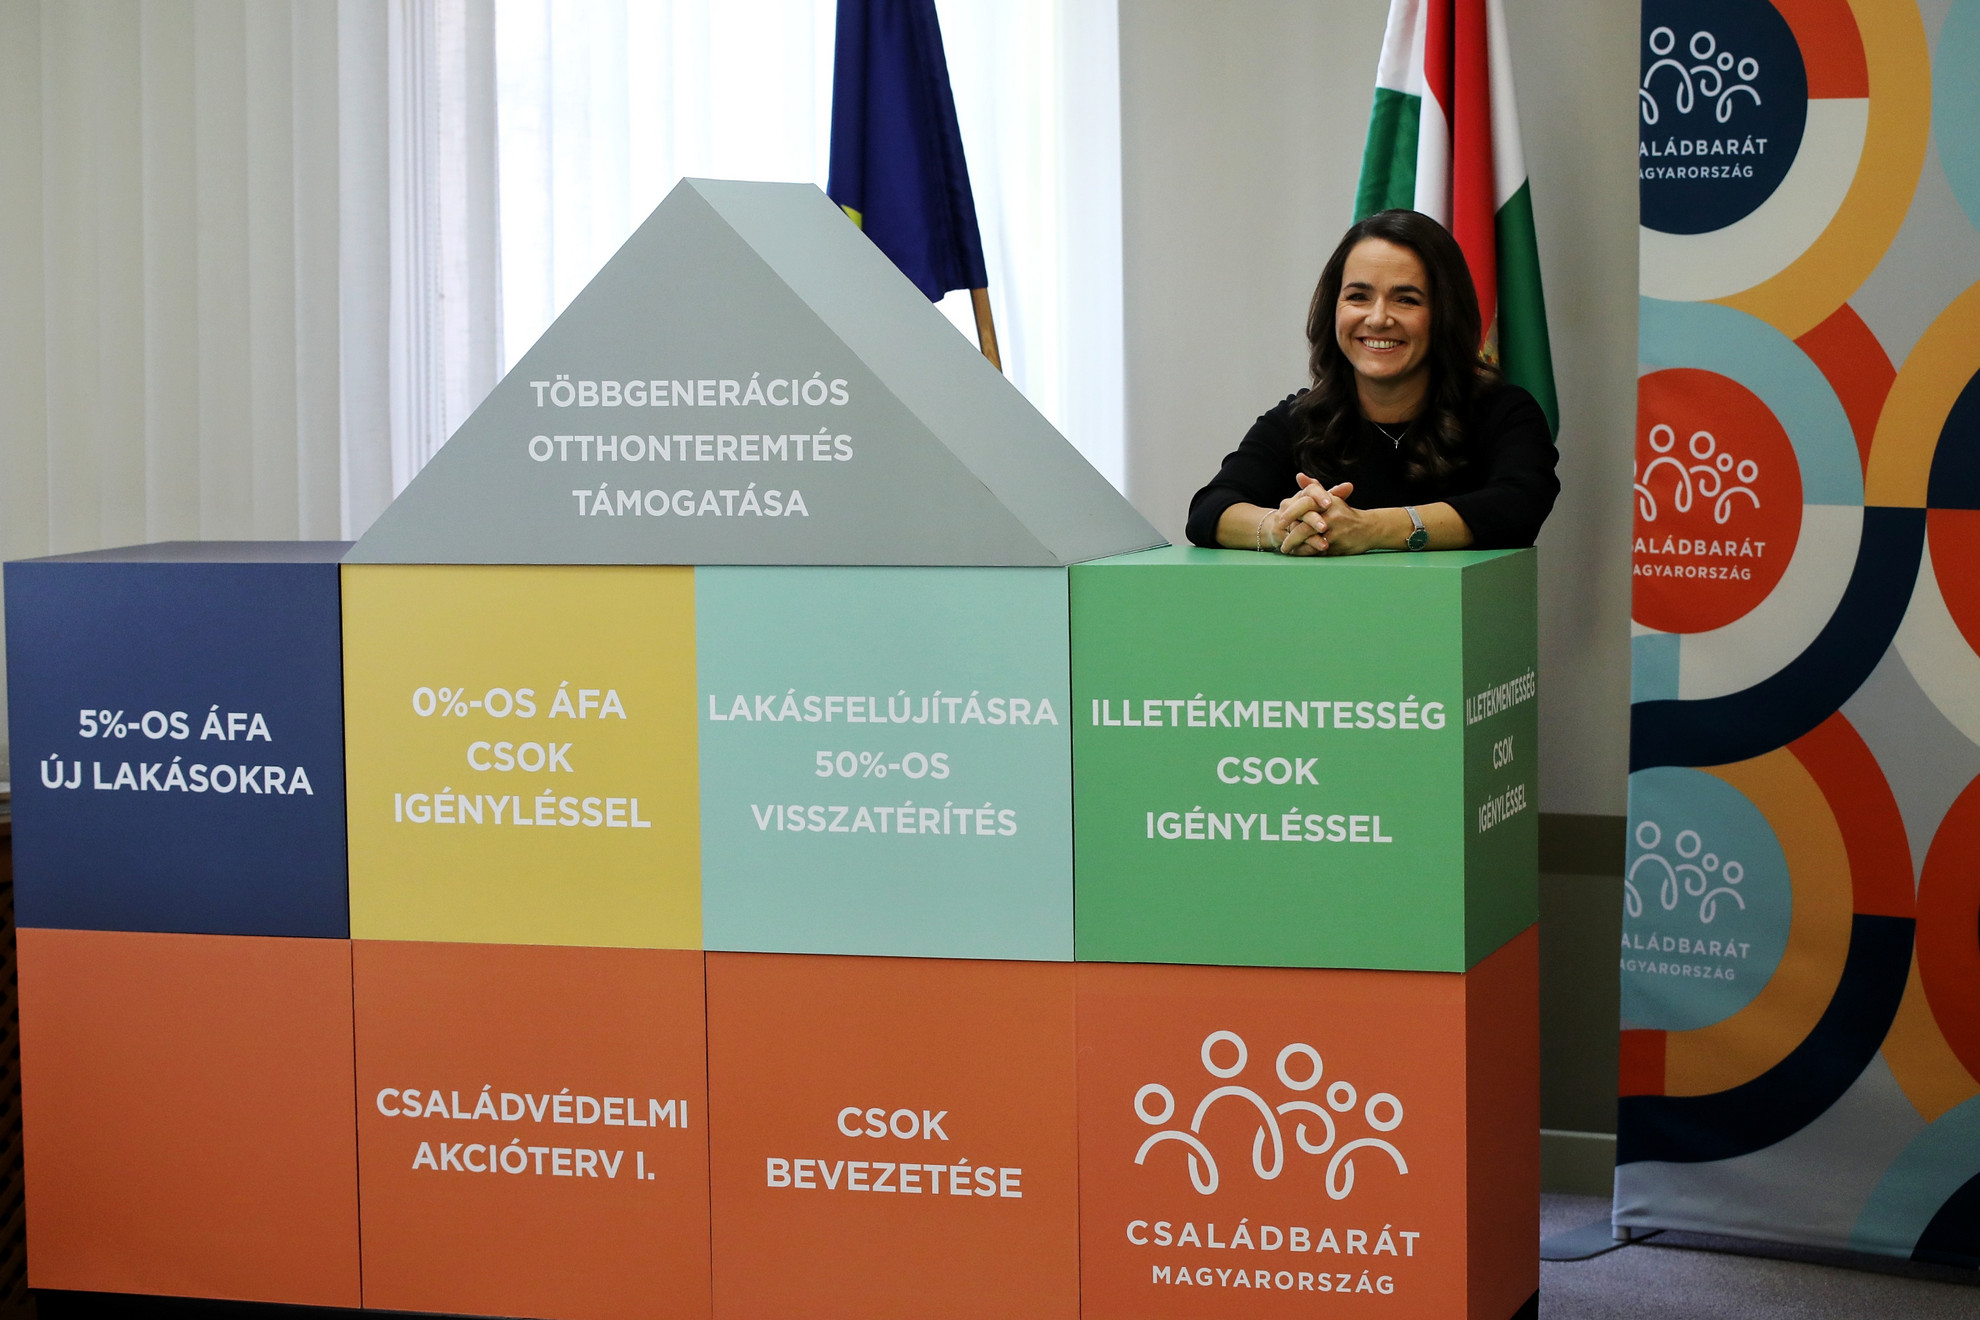 Novák Katalin hangsúlyozta: Magyarország legnagyobb otthonteremtési programjának célja, hogy mindenki saját tulajdonú otthonban élhessen